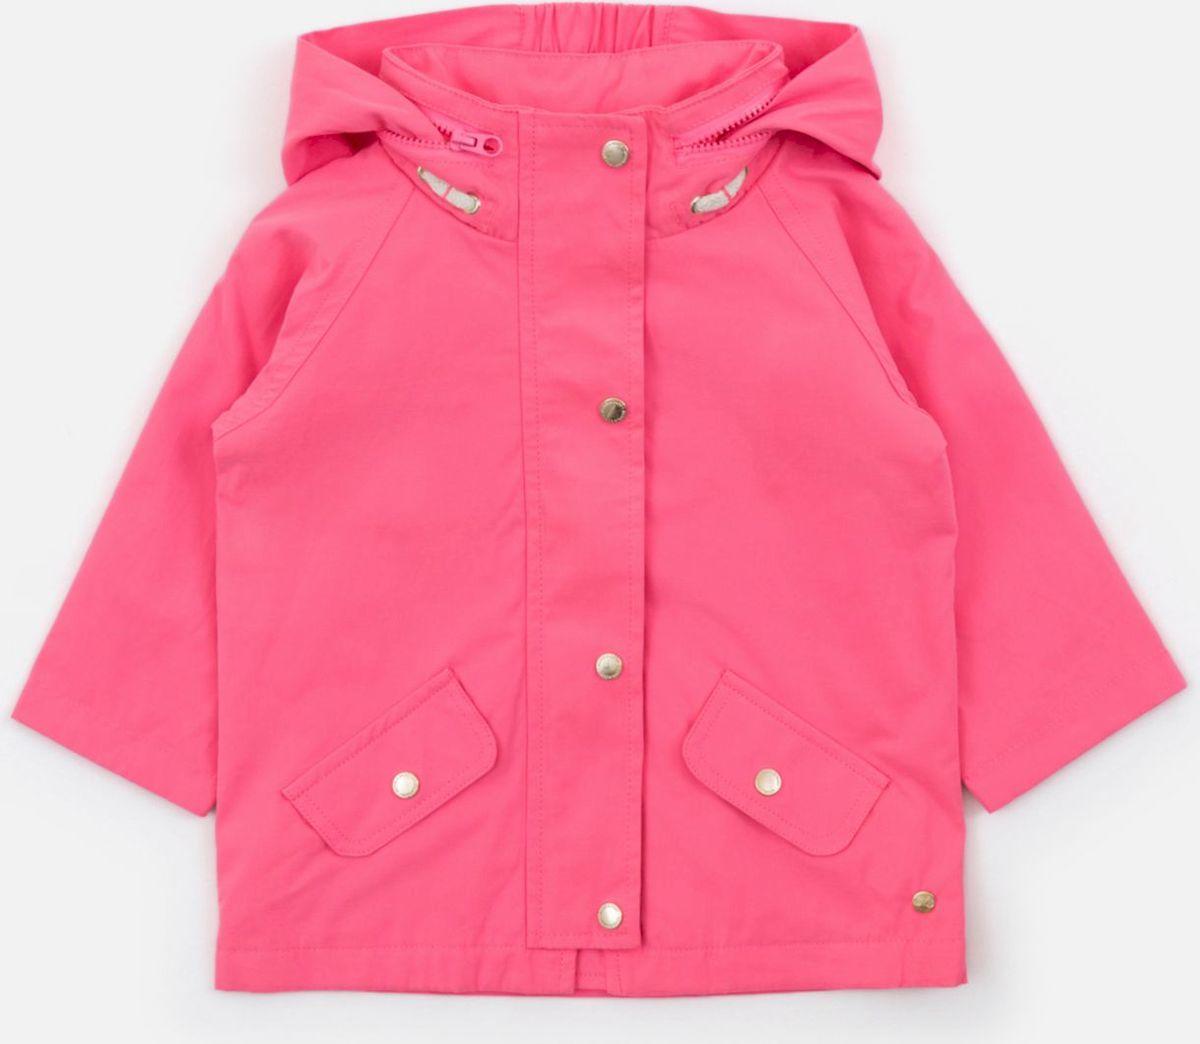 Куртка Acoola Acoola Baby